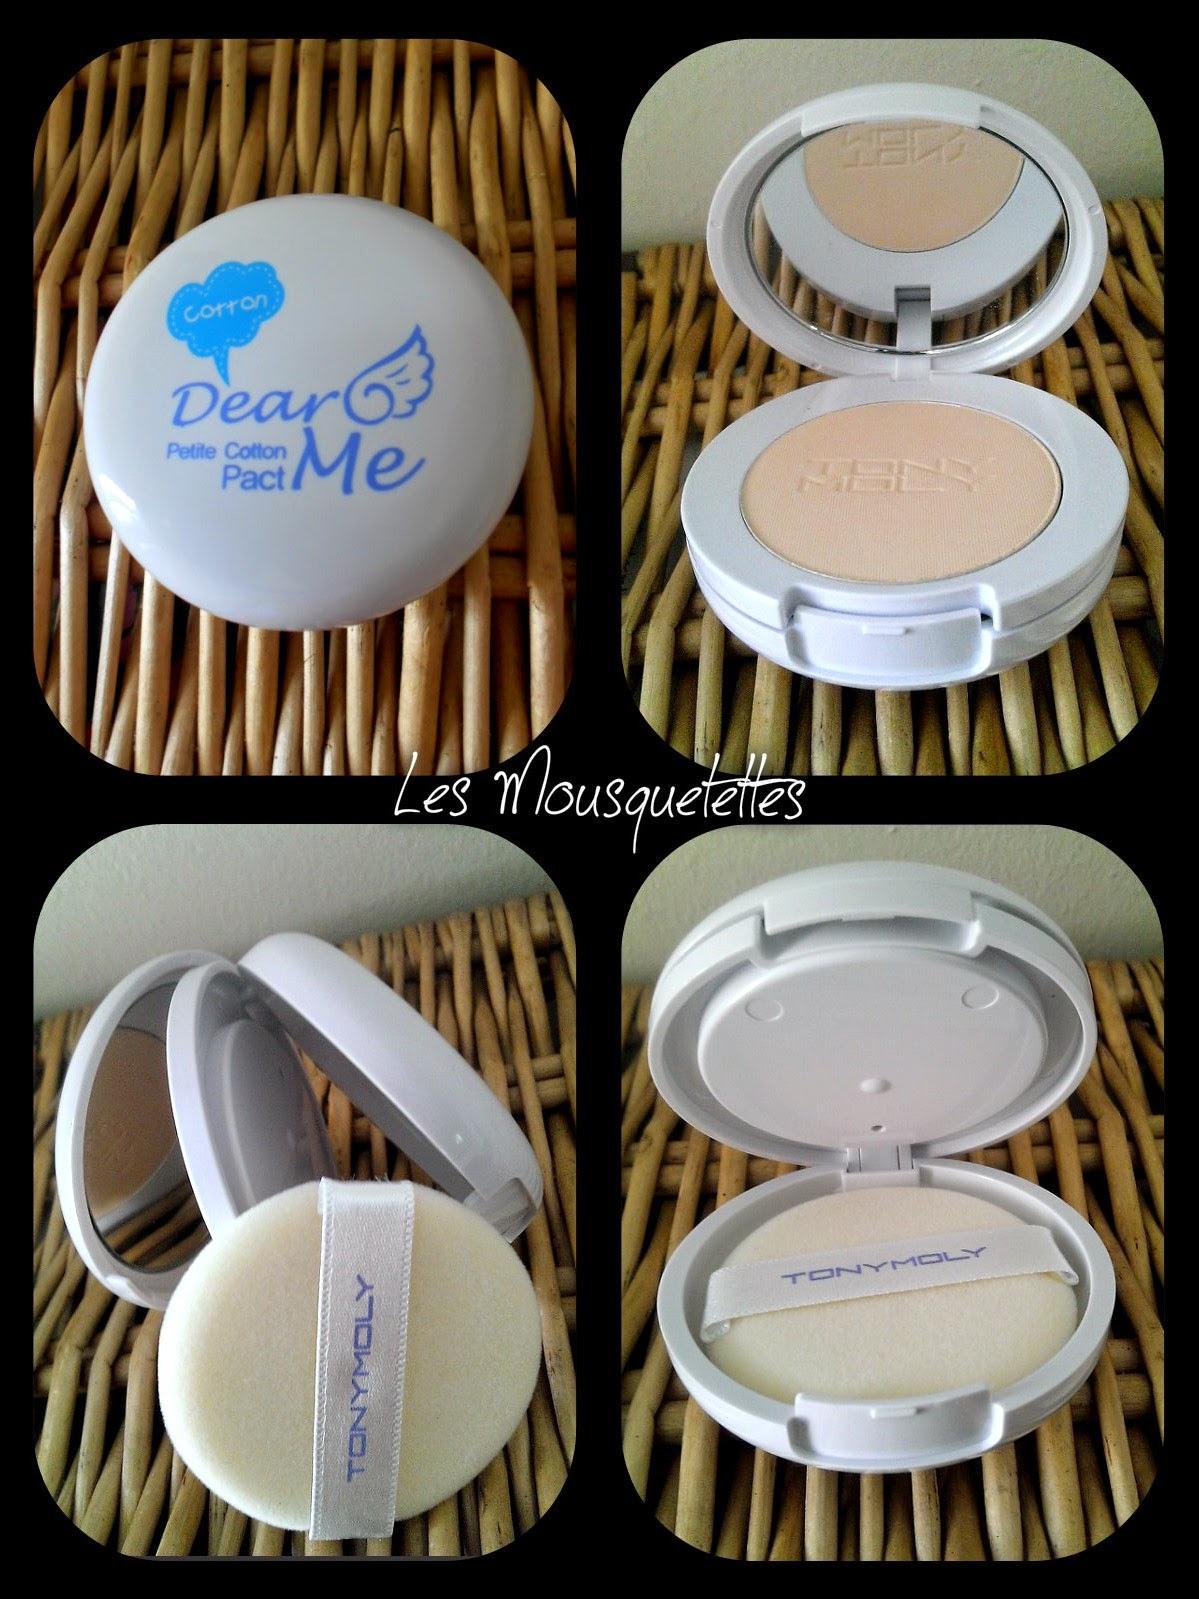 Dear Me Petite Cotton Pact Tony Moly - Les Mousquetettes©